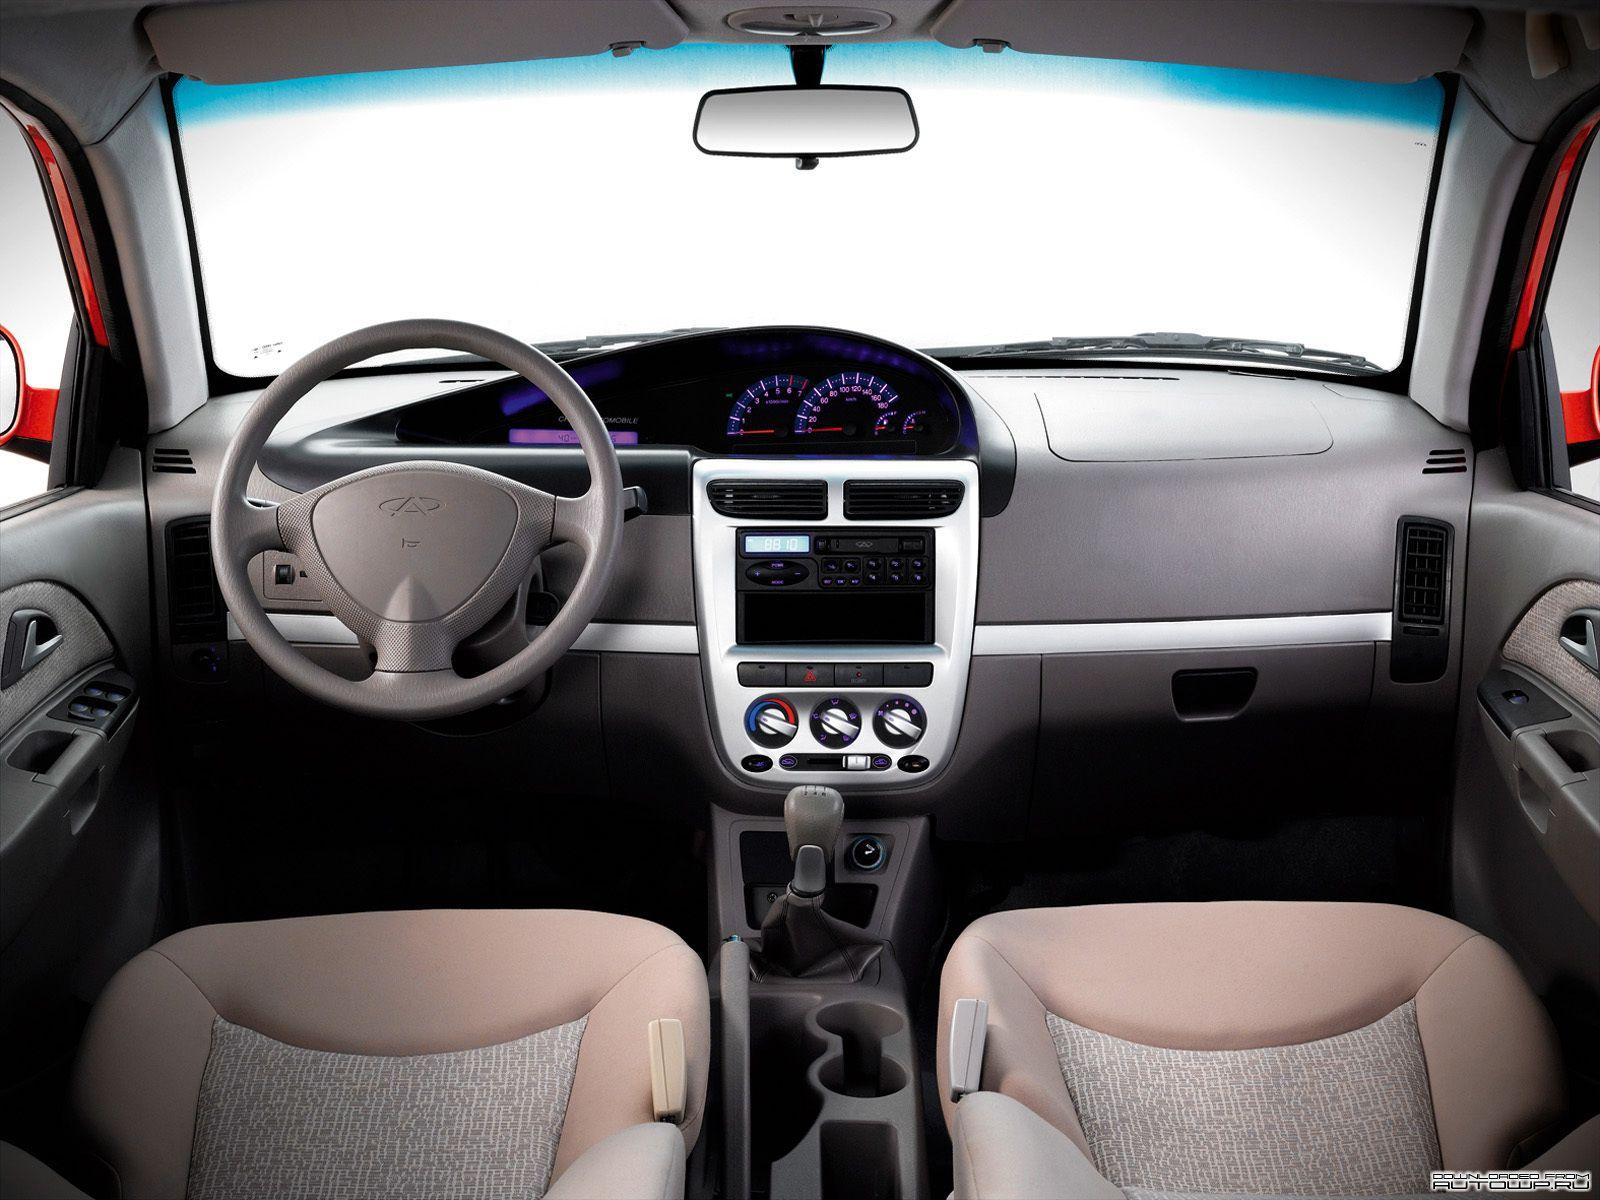 2006 chery qq6 chery qq pinterest car interiors and cars rh pinterest com Chery QQ6 Interior Chery A13